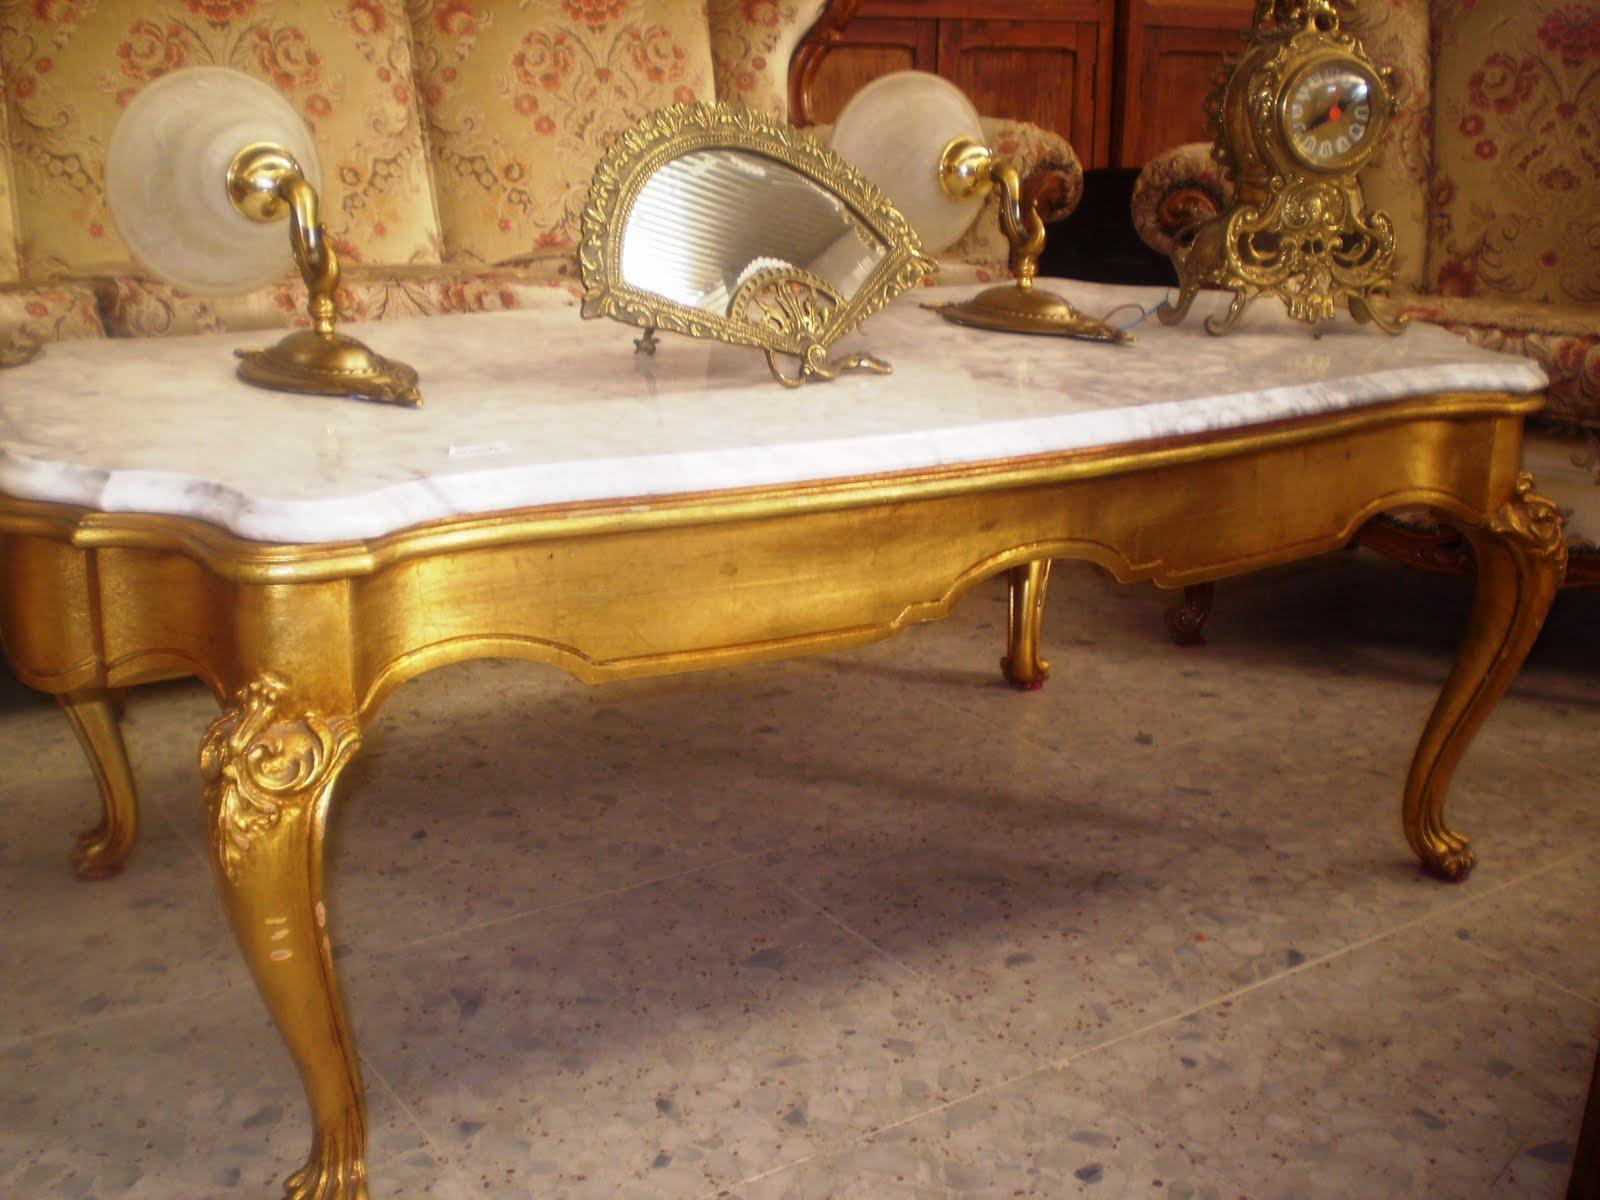 Restauracion muebles compra venta de muebles antiguos for Compra de muebles